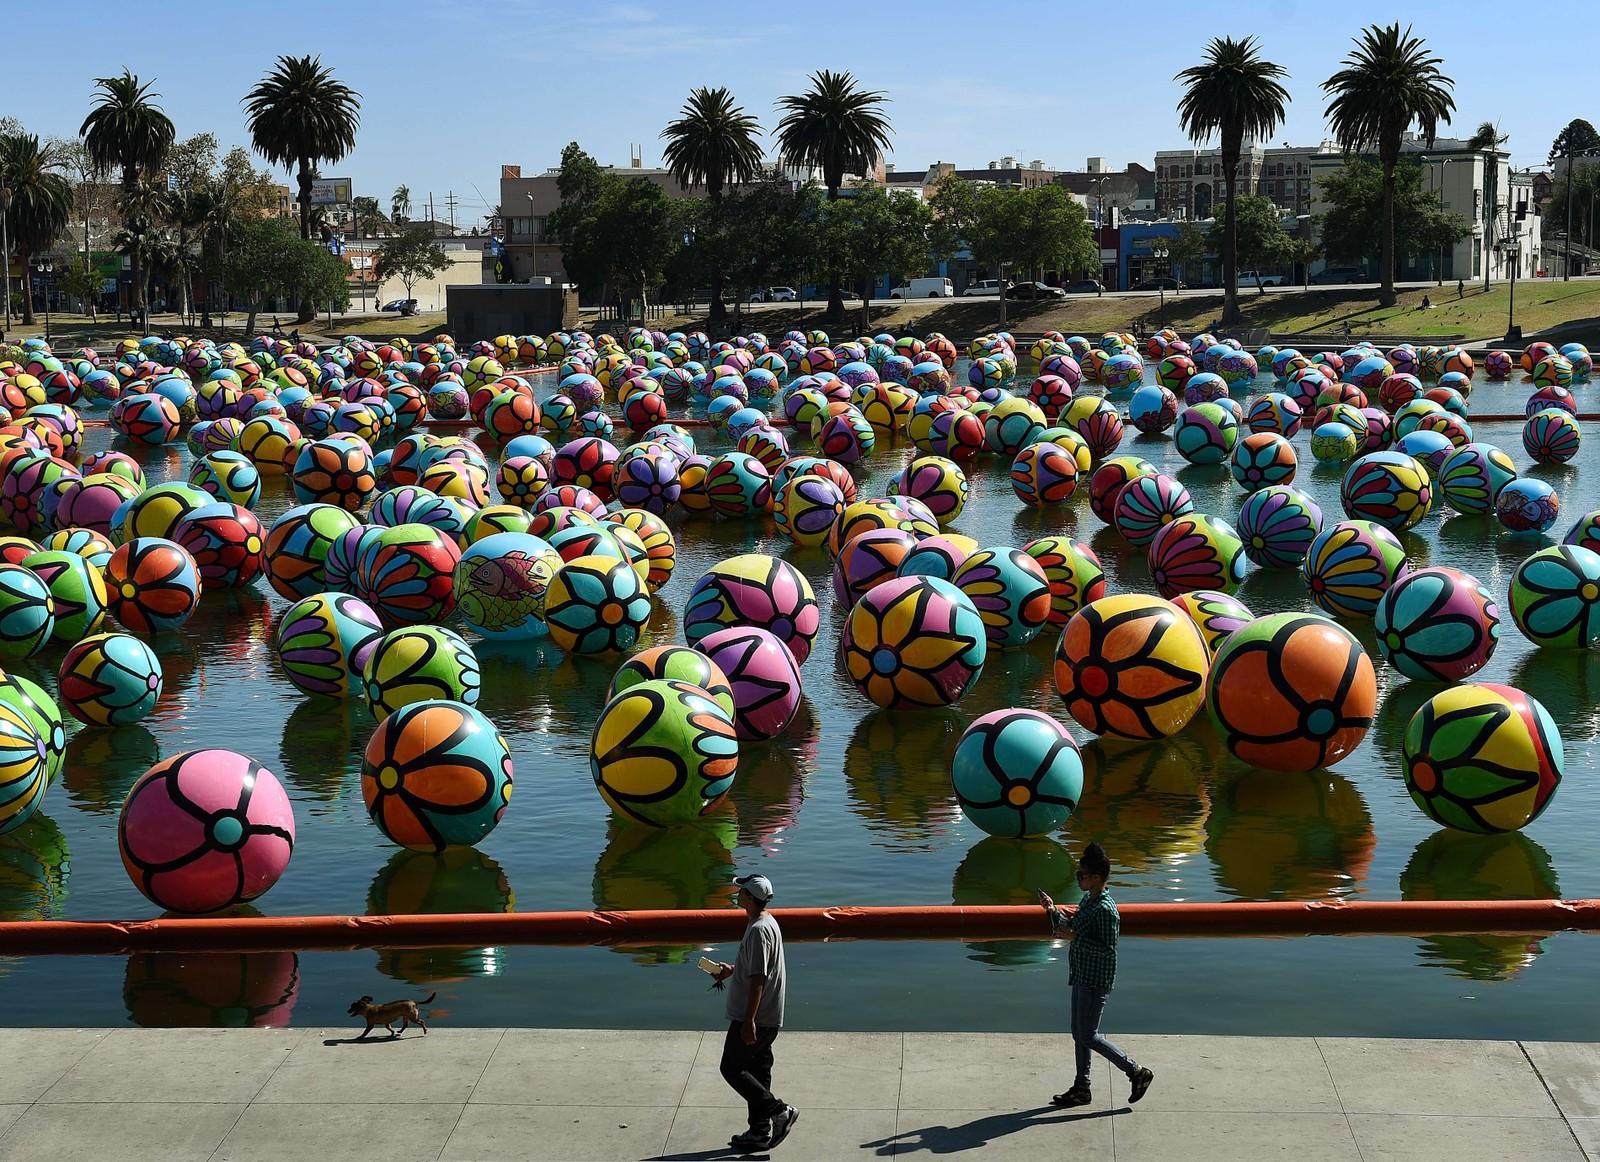 """3000 håndmalte vinylballer utgjør kunstverket """"The Spheres at MacArthur Park"""", som pynter denne dammen i MacArthur Park i Los Angeles."""